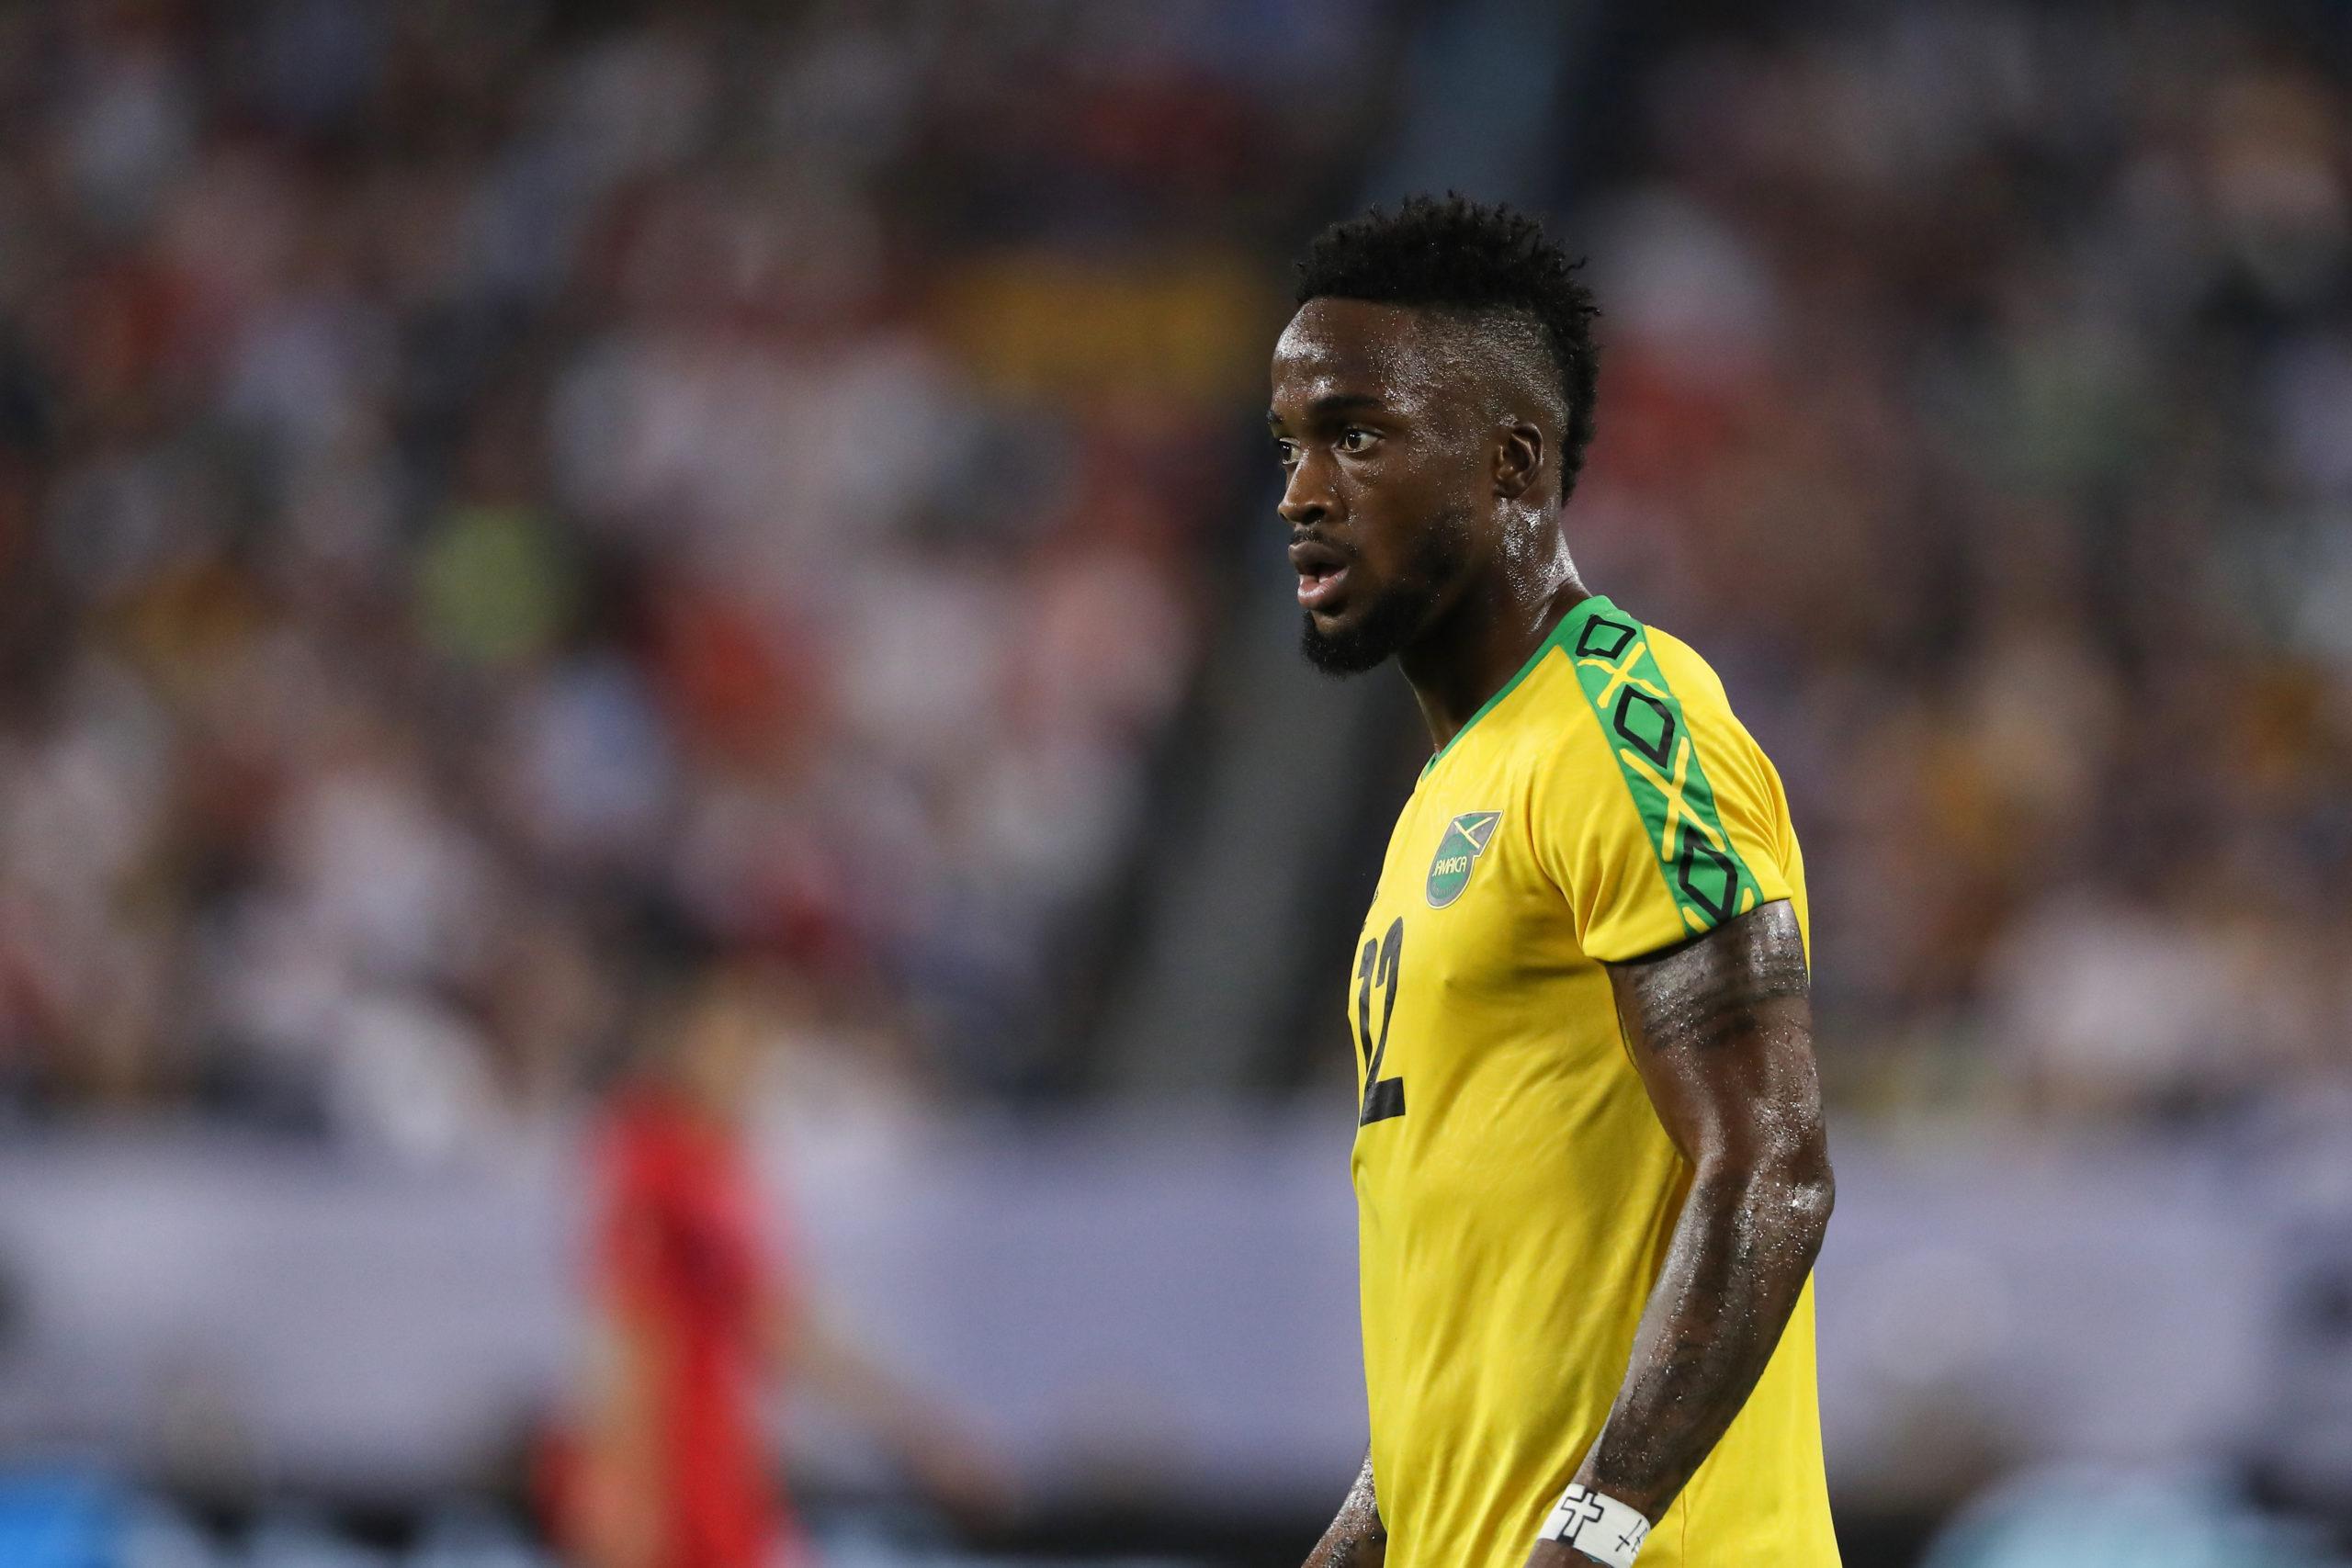 Junior Flemmings de la Jamaïque lors de la demi-finale de la Gold Cup de la CONCACAF 2019 entre la Jamaïque et les États-Unis